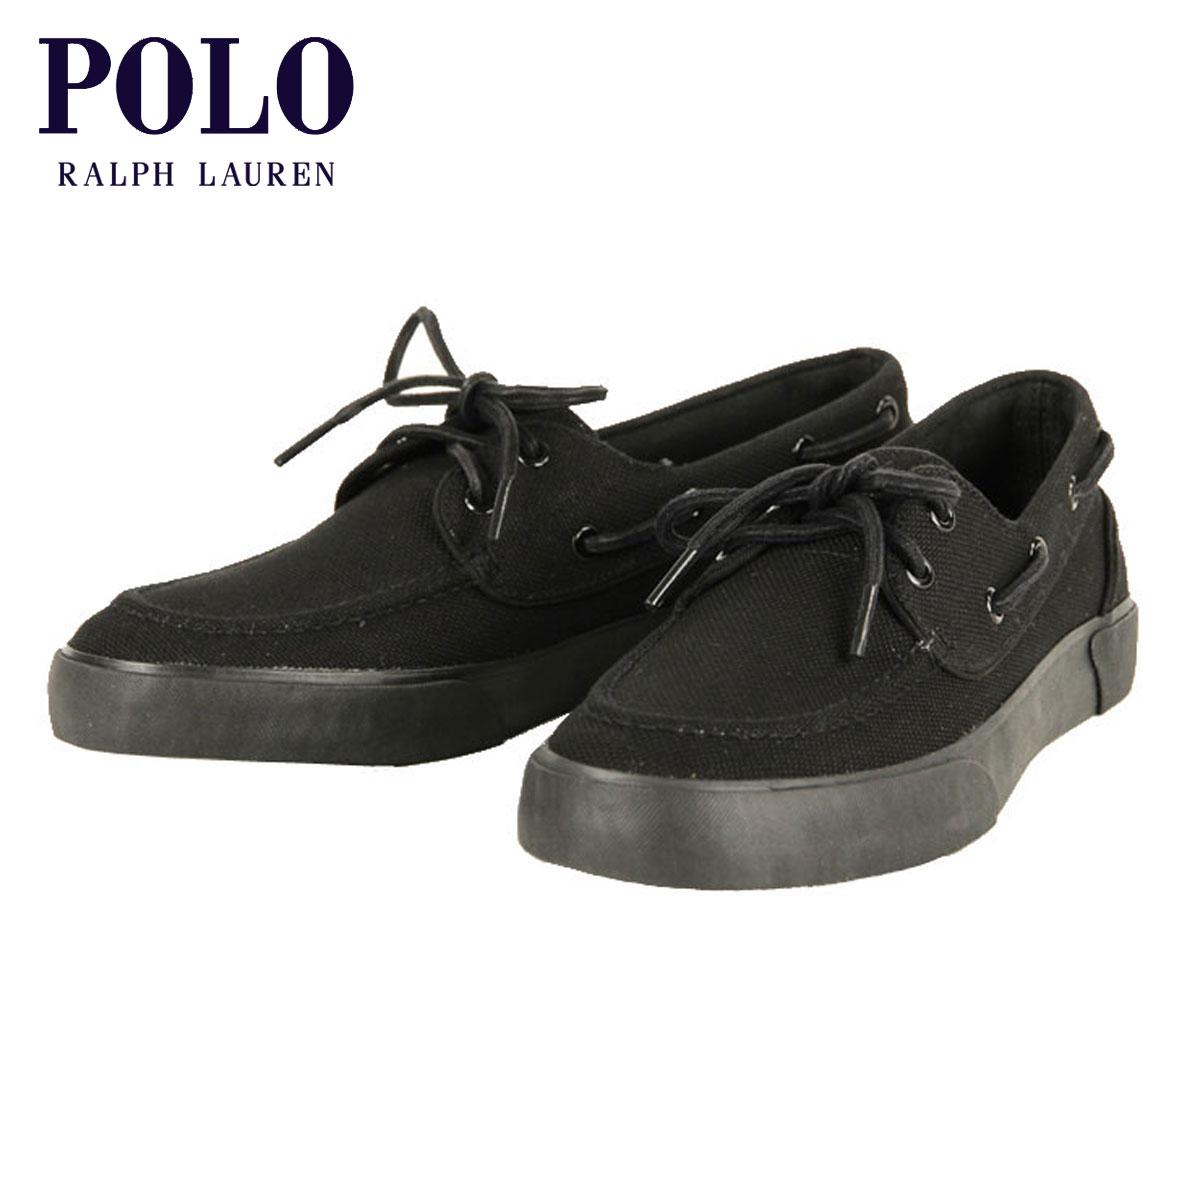 ポロ ラルフローレン POLO RALPH LAUREN 正規品 メンズ 靴 シューズ LANDER CANVAS SNEAKER D00S20